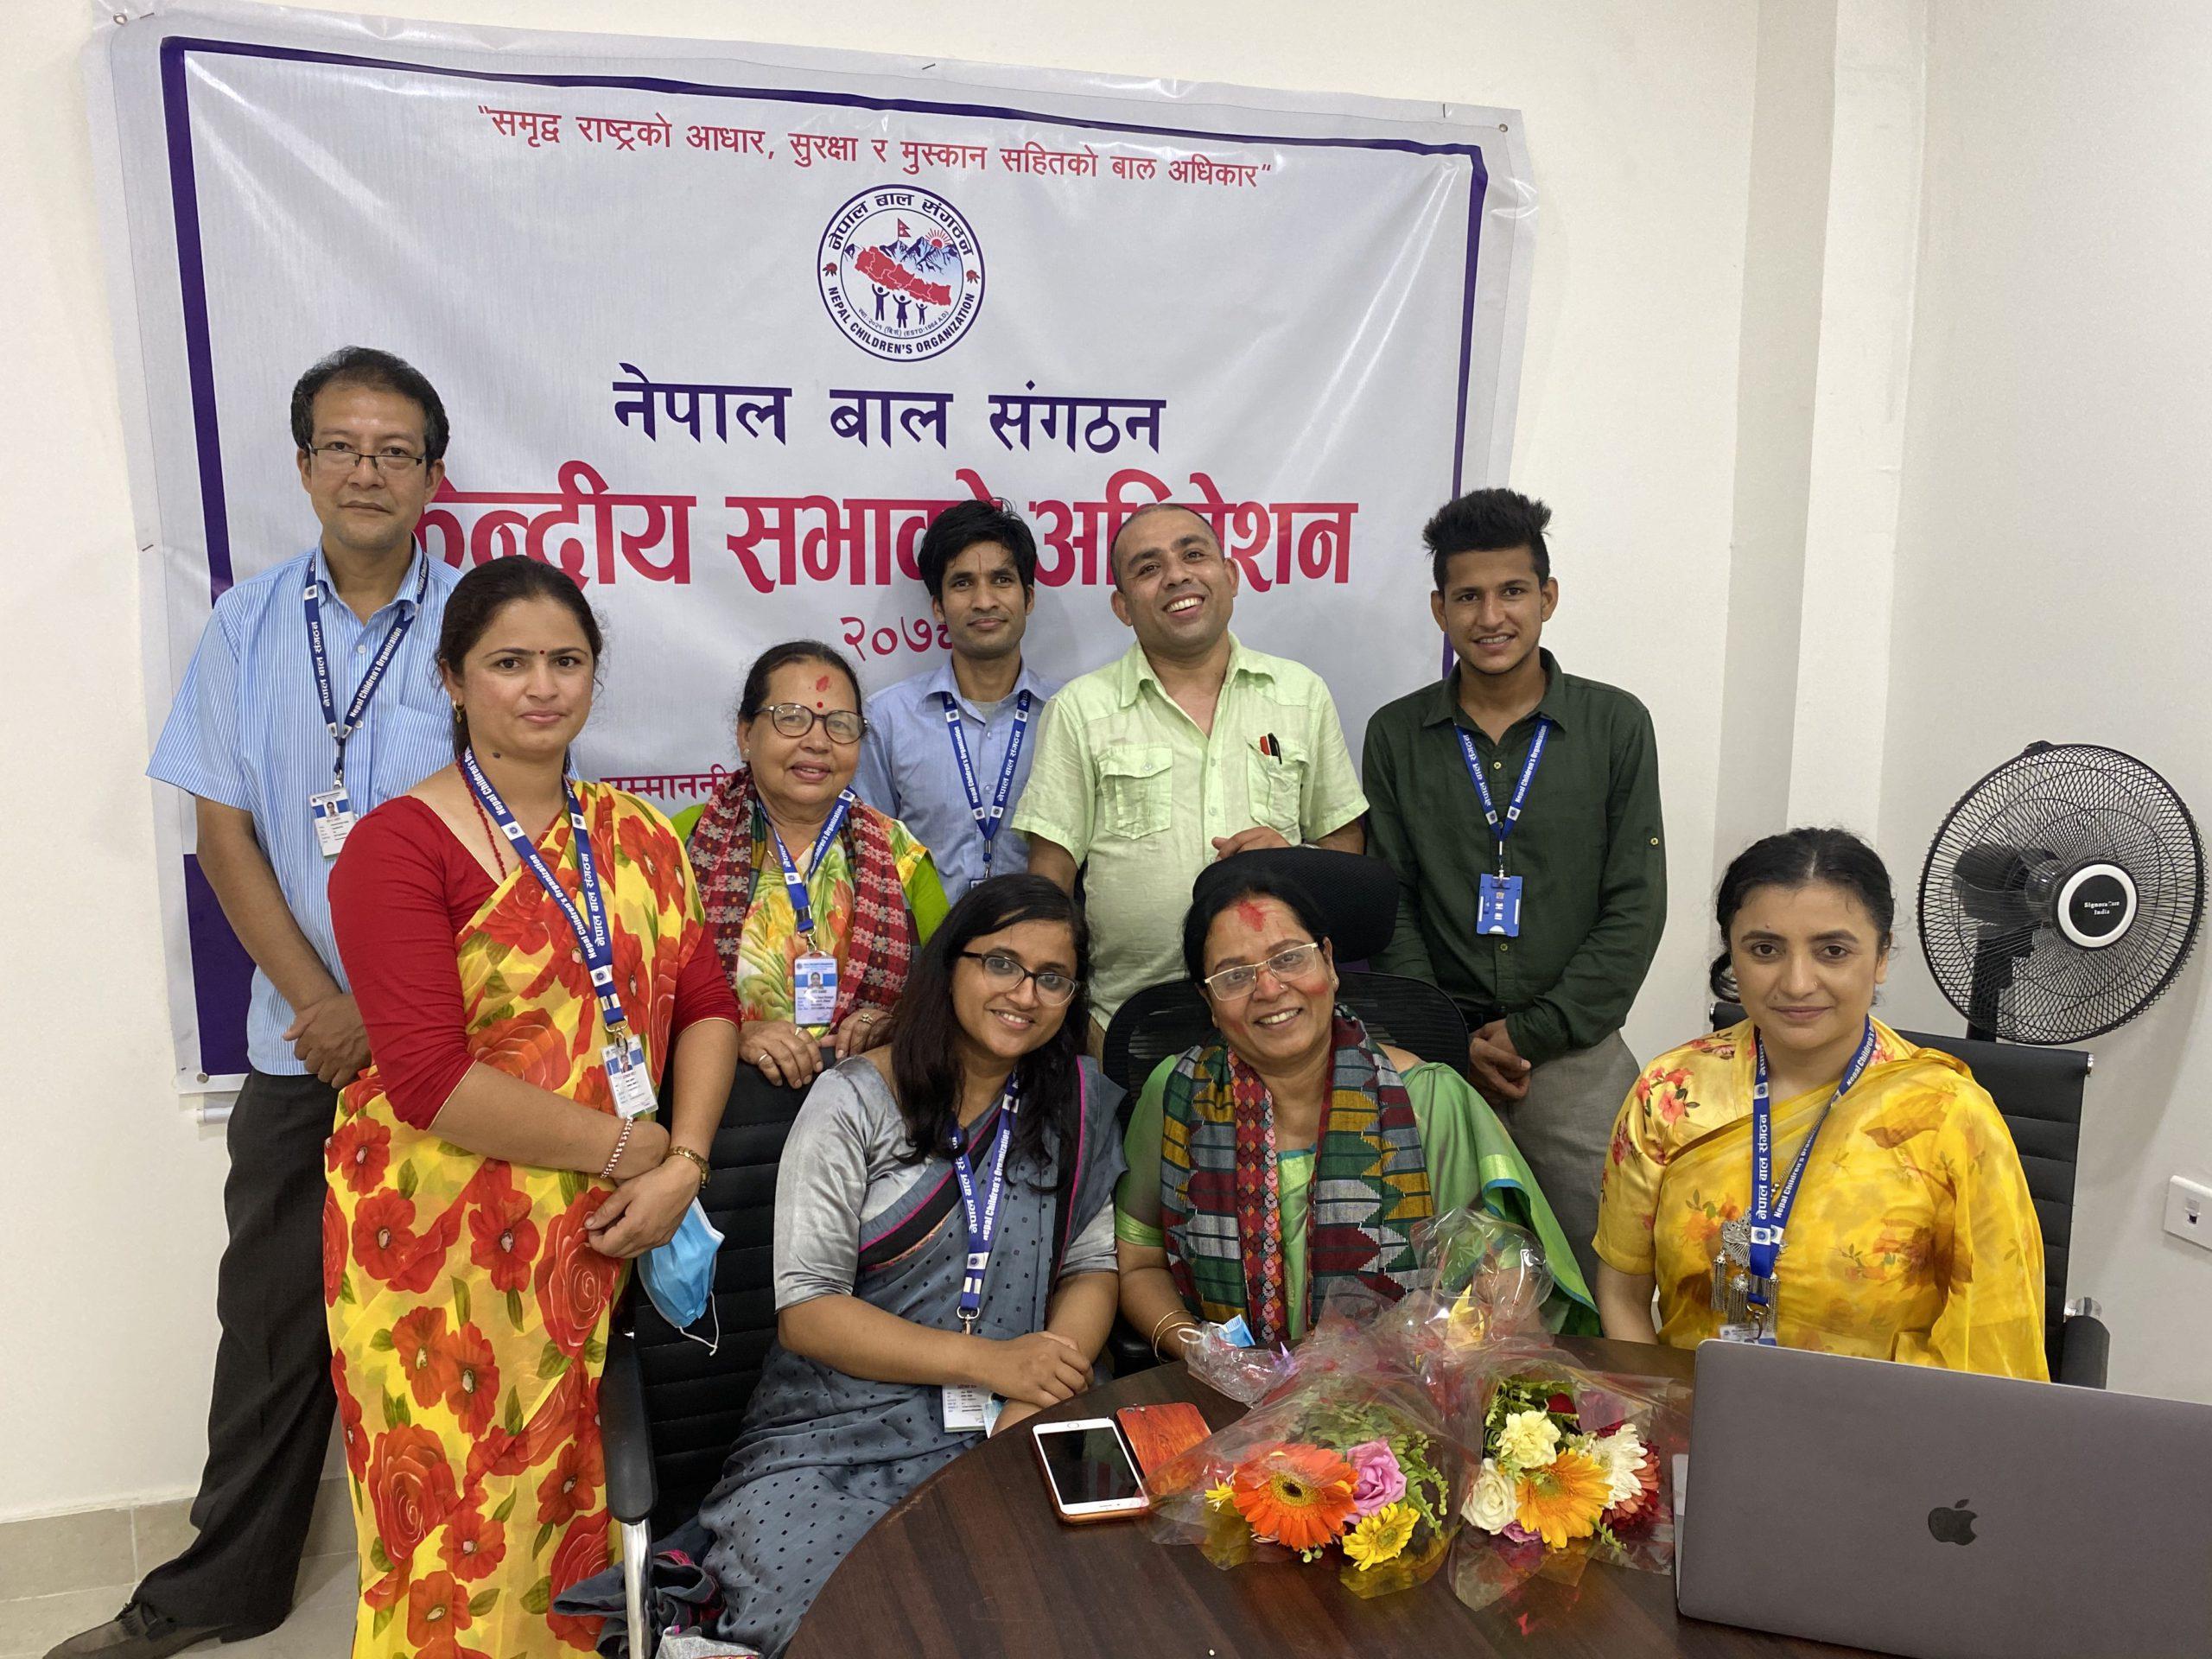 नेपाल बाल संगठन केन्द्रीय सभाको अधिवेशन २०७८